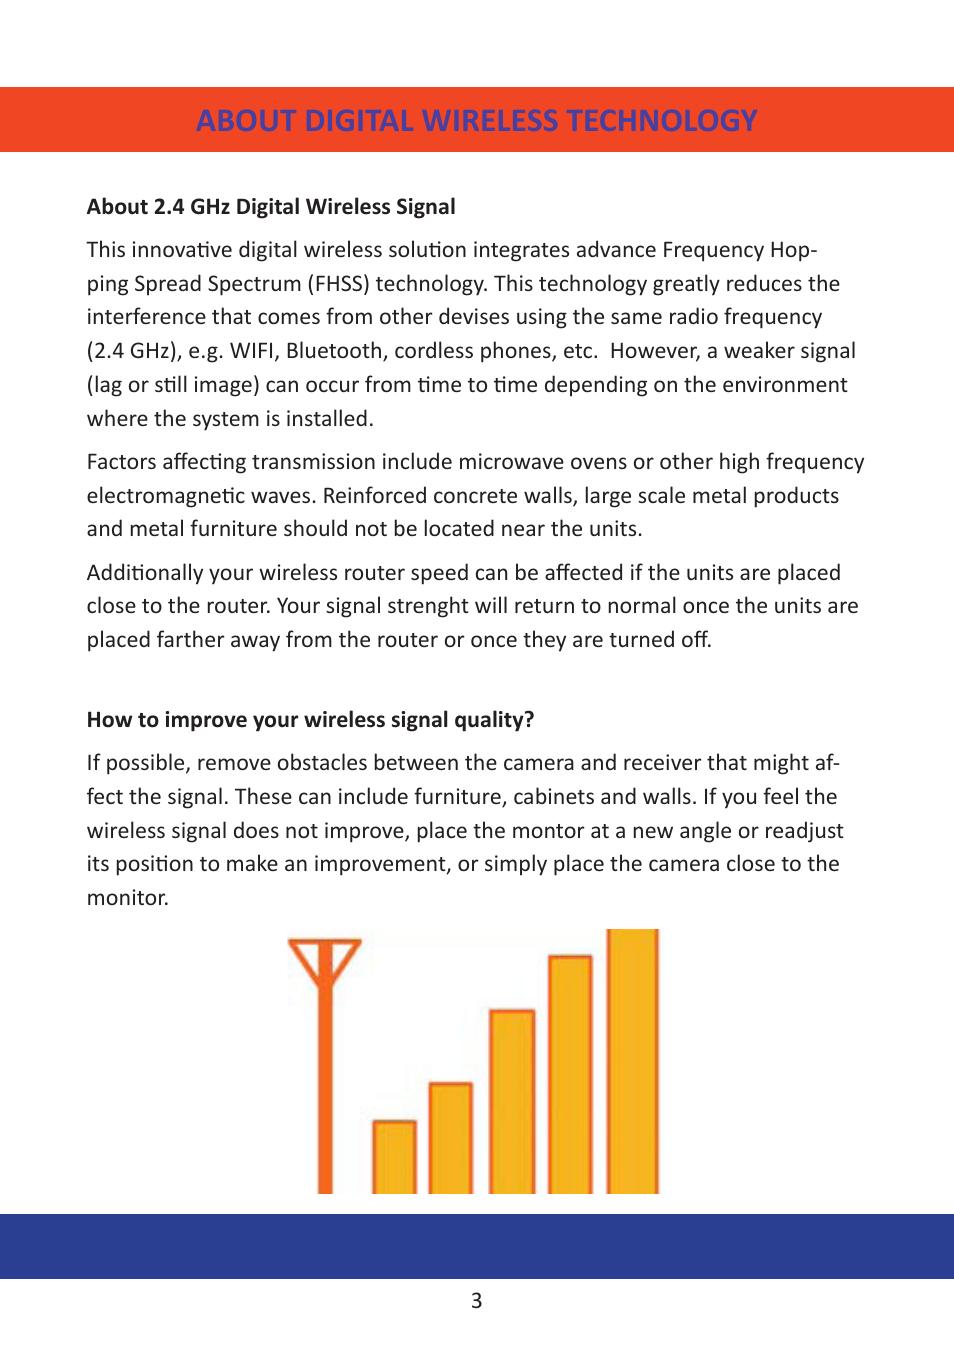 About digital wireless technology | Mobi Technologies DXR